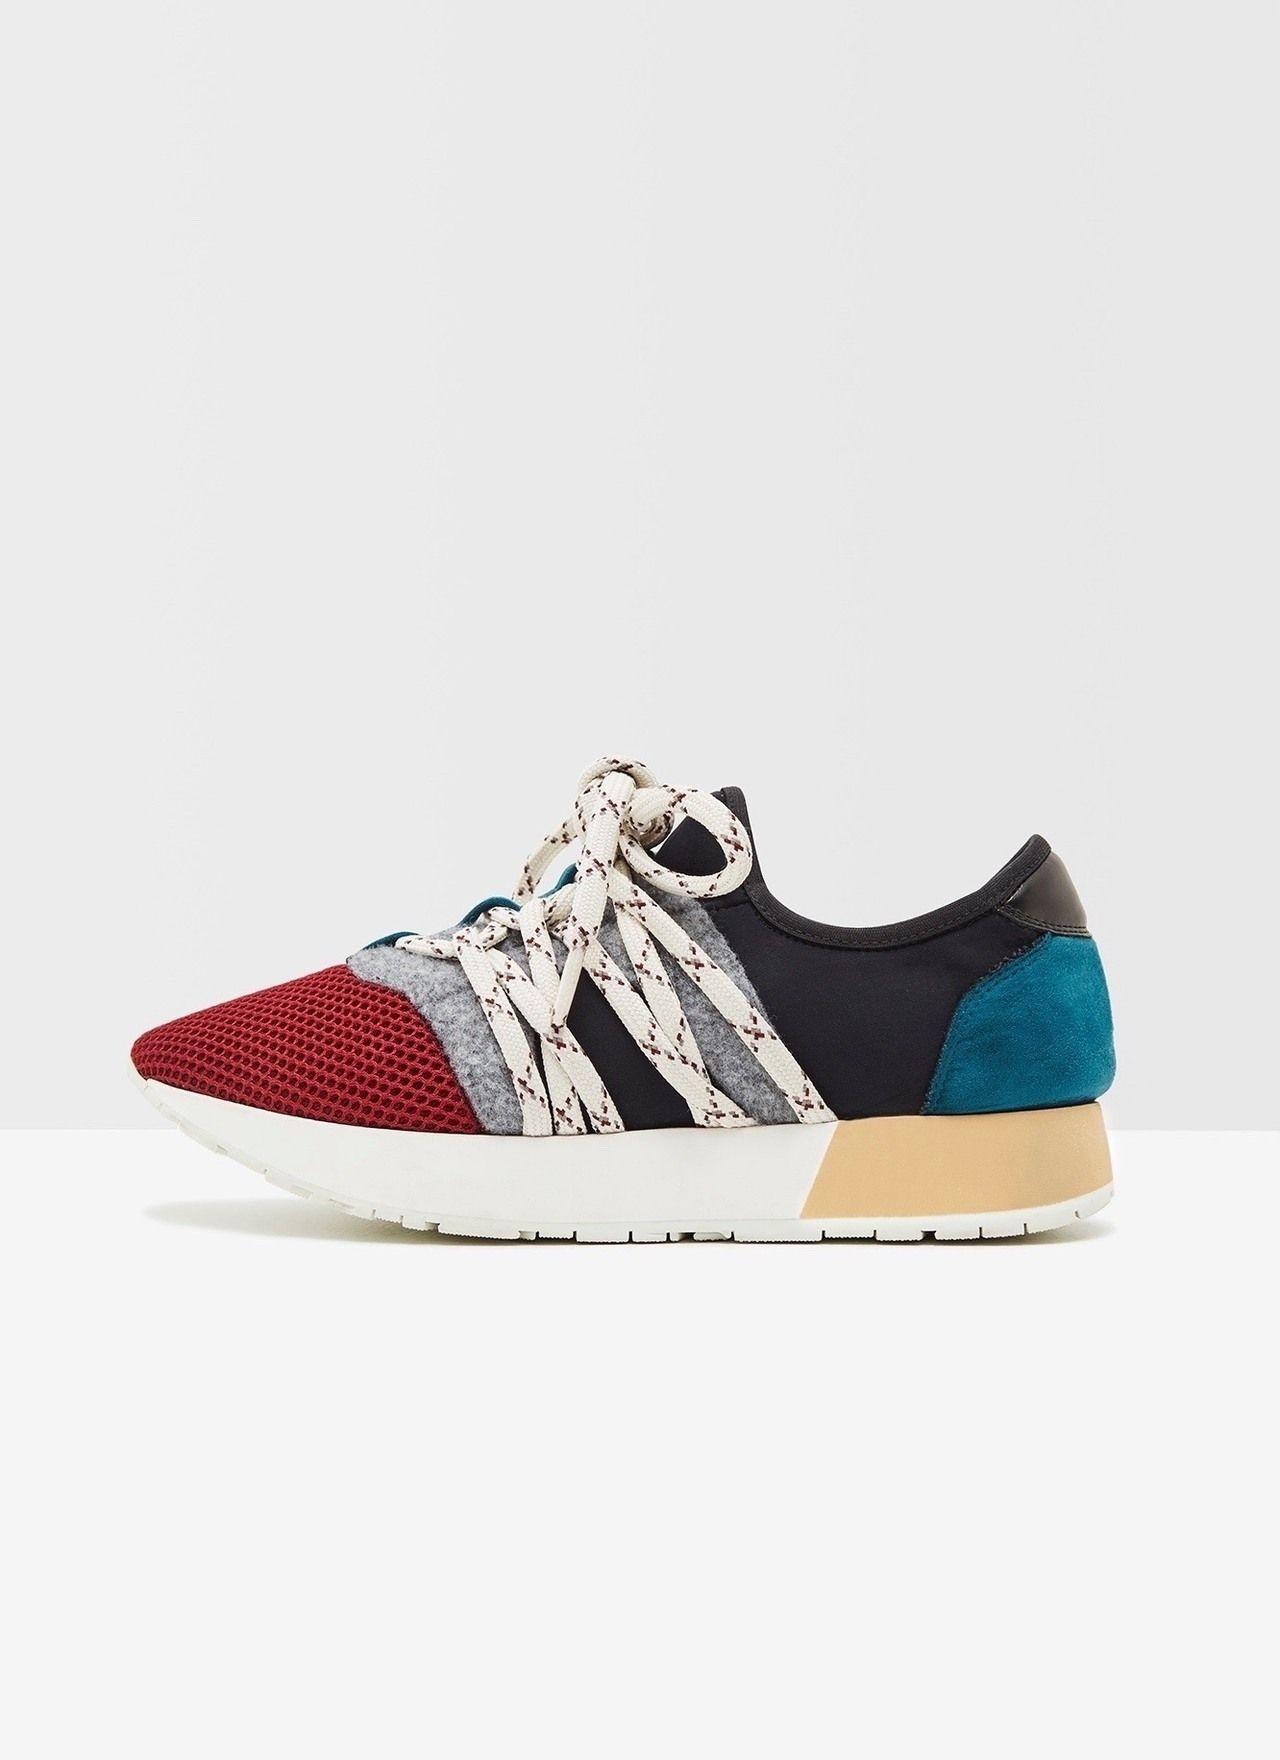 20 Al Sandalia De Calzado Otoño Zapatos EntretiempoLa tQChrds